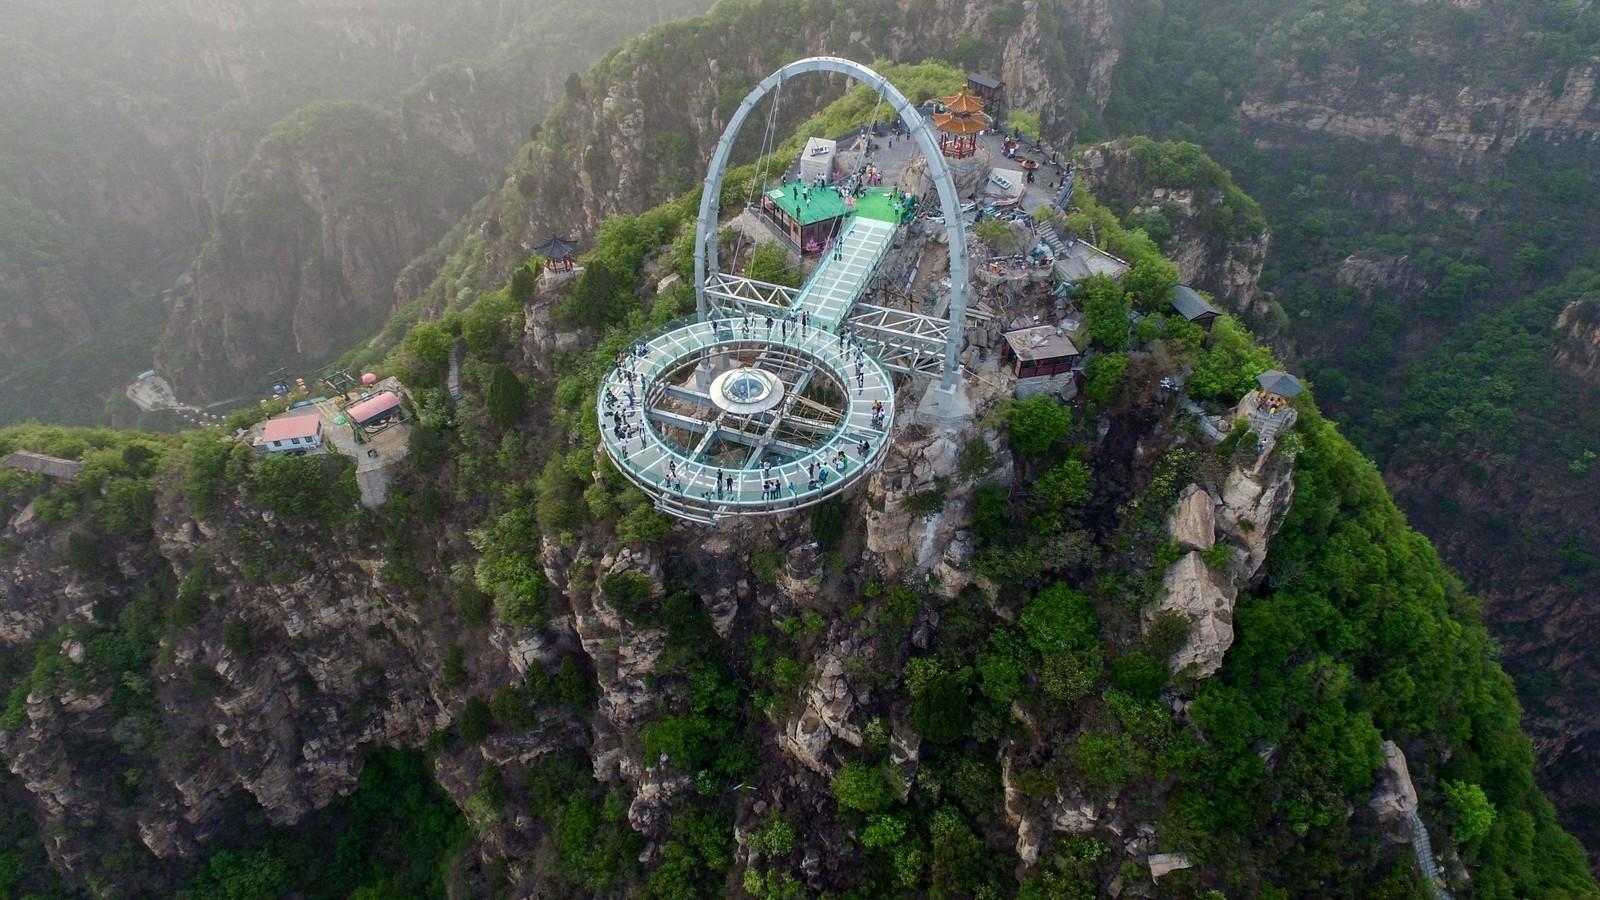 Med sine over 30 meter ut fra klippene, skal dette utsiktspunktet i Shilinxia være verdens største utsiktsplattform i glass, og den finner du ikke langt fra Beijing.